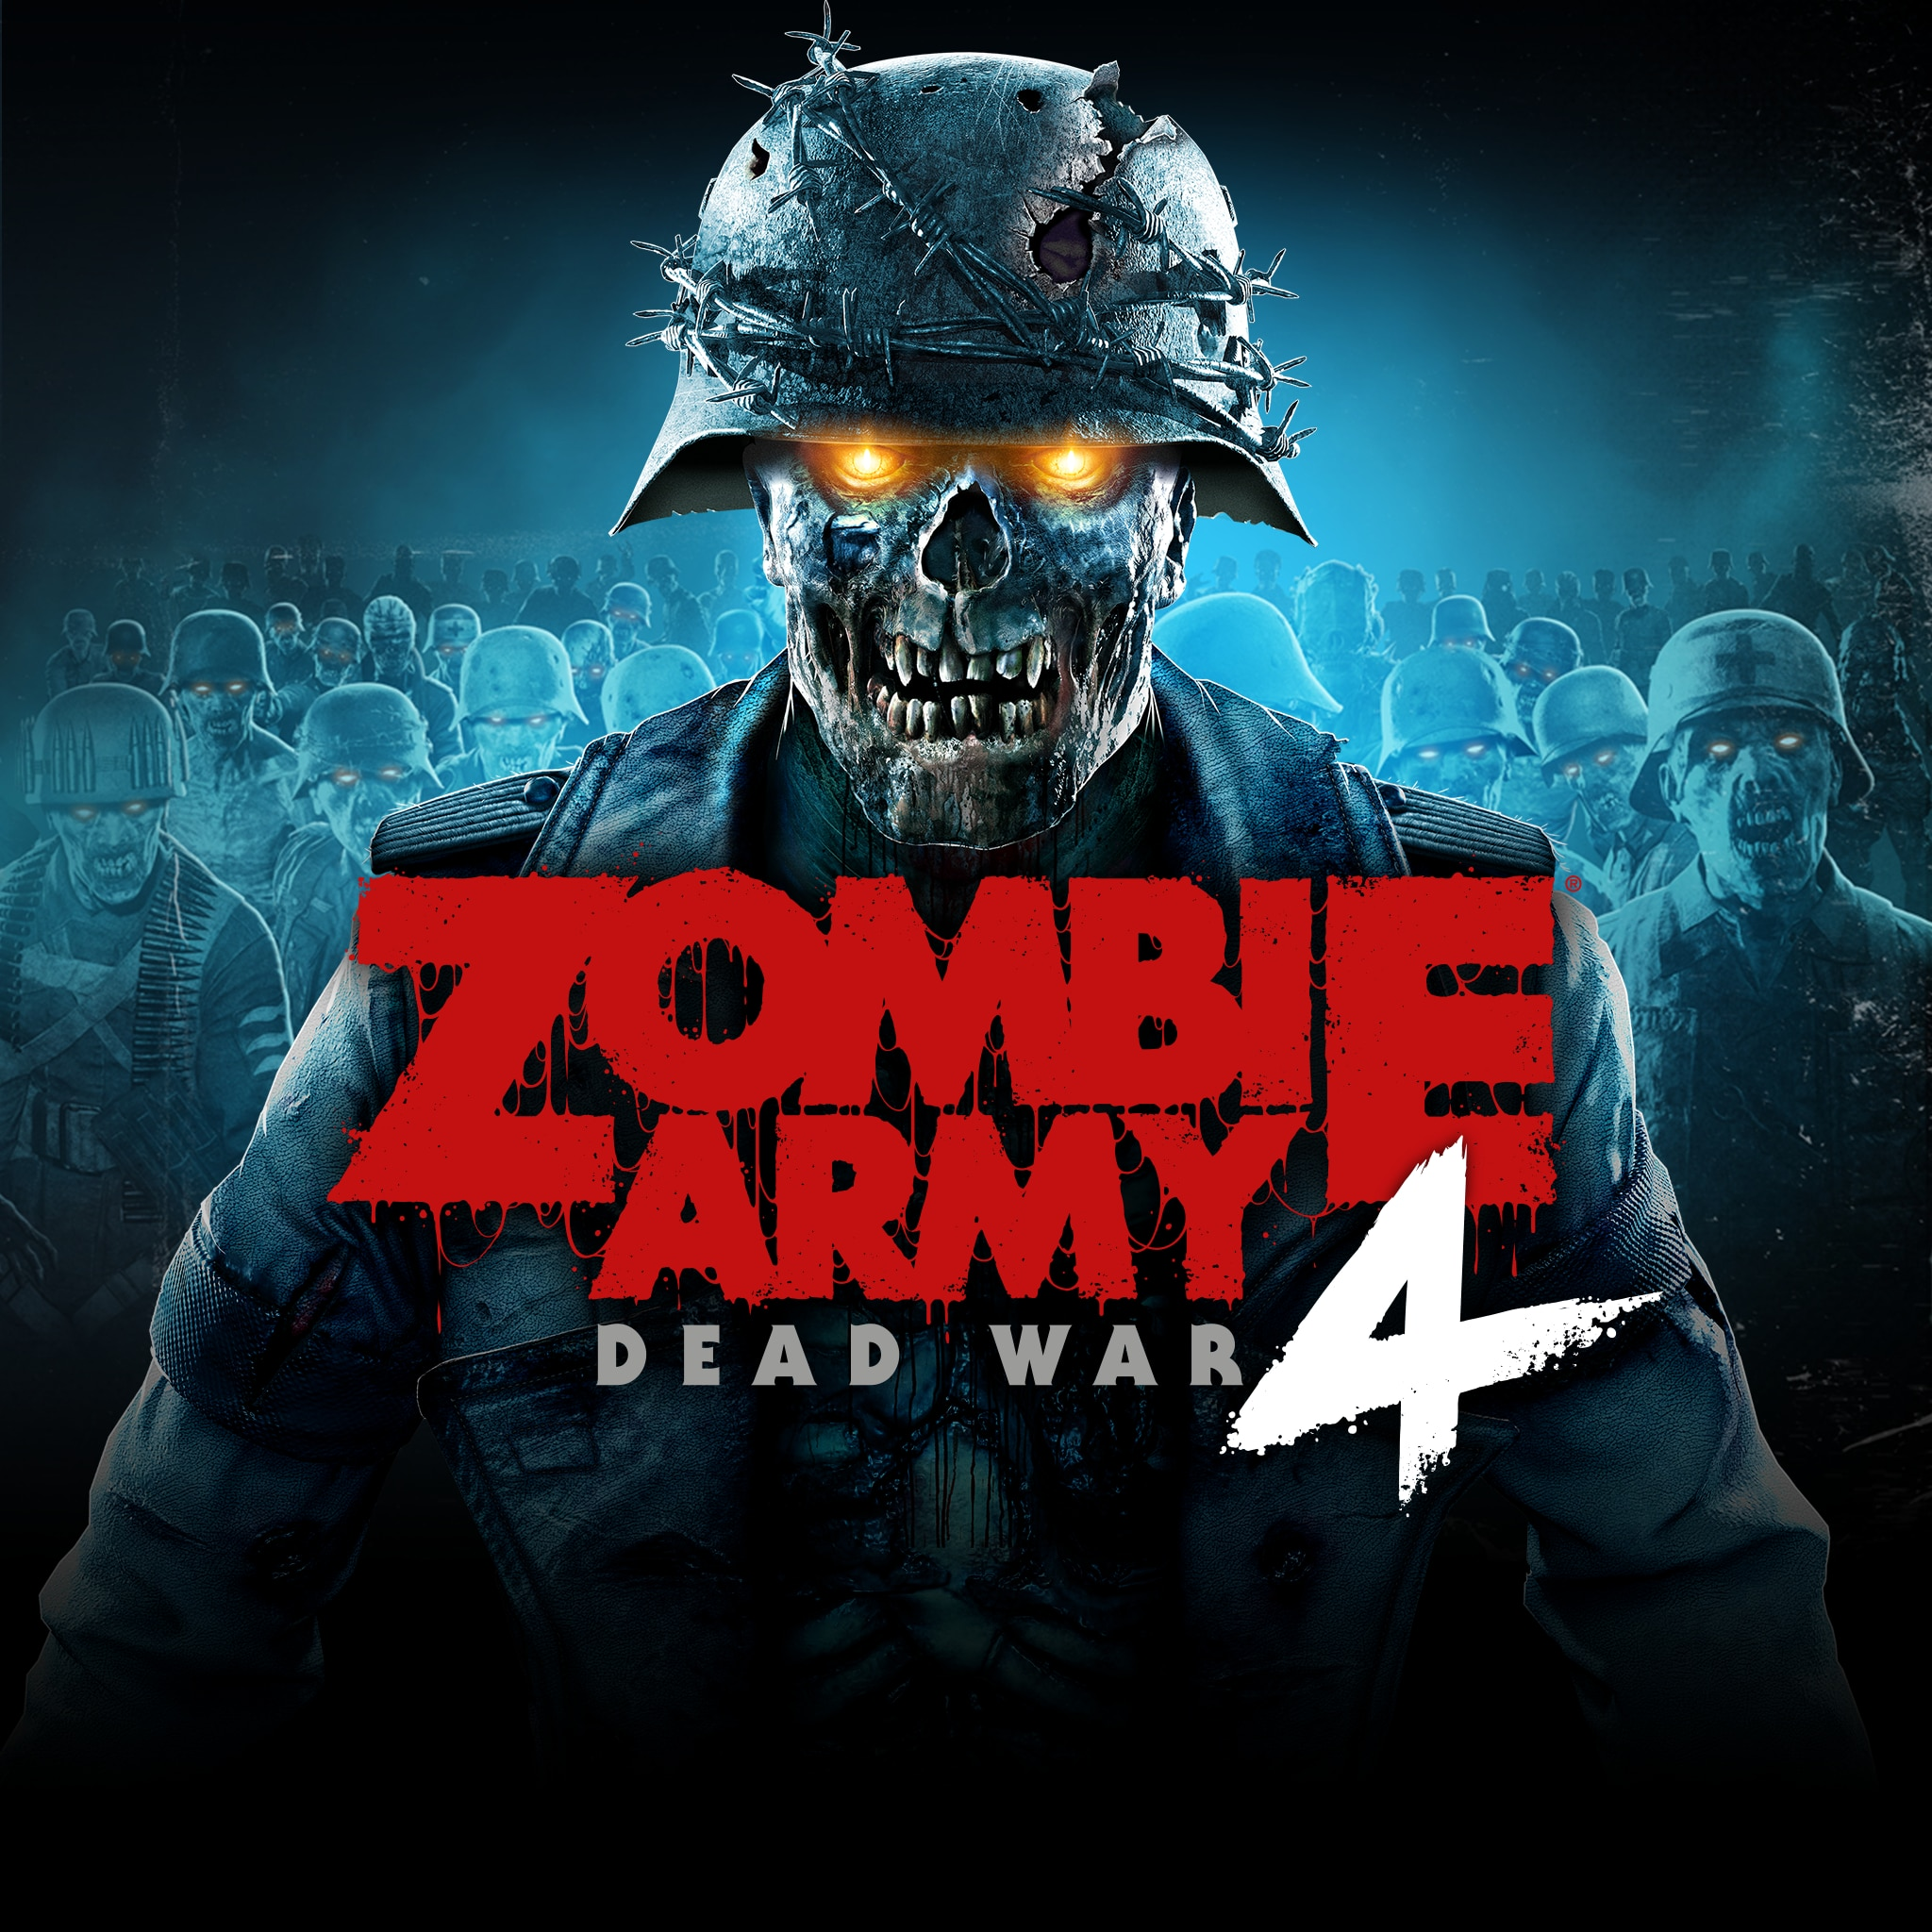 სროლები Call of Duty: WWII - Digital Deluxe Edition [1.25.0.1] (2017) PC | Steam-Rip